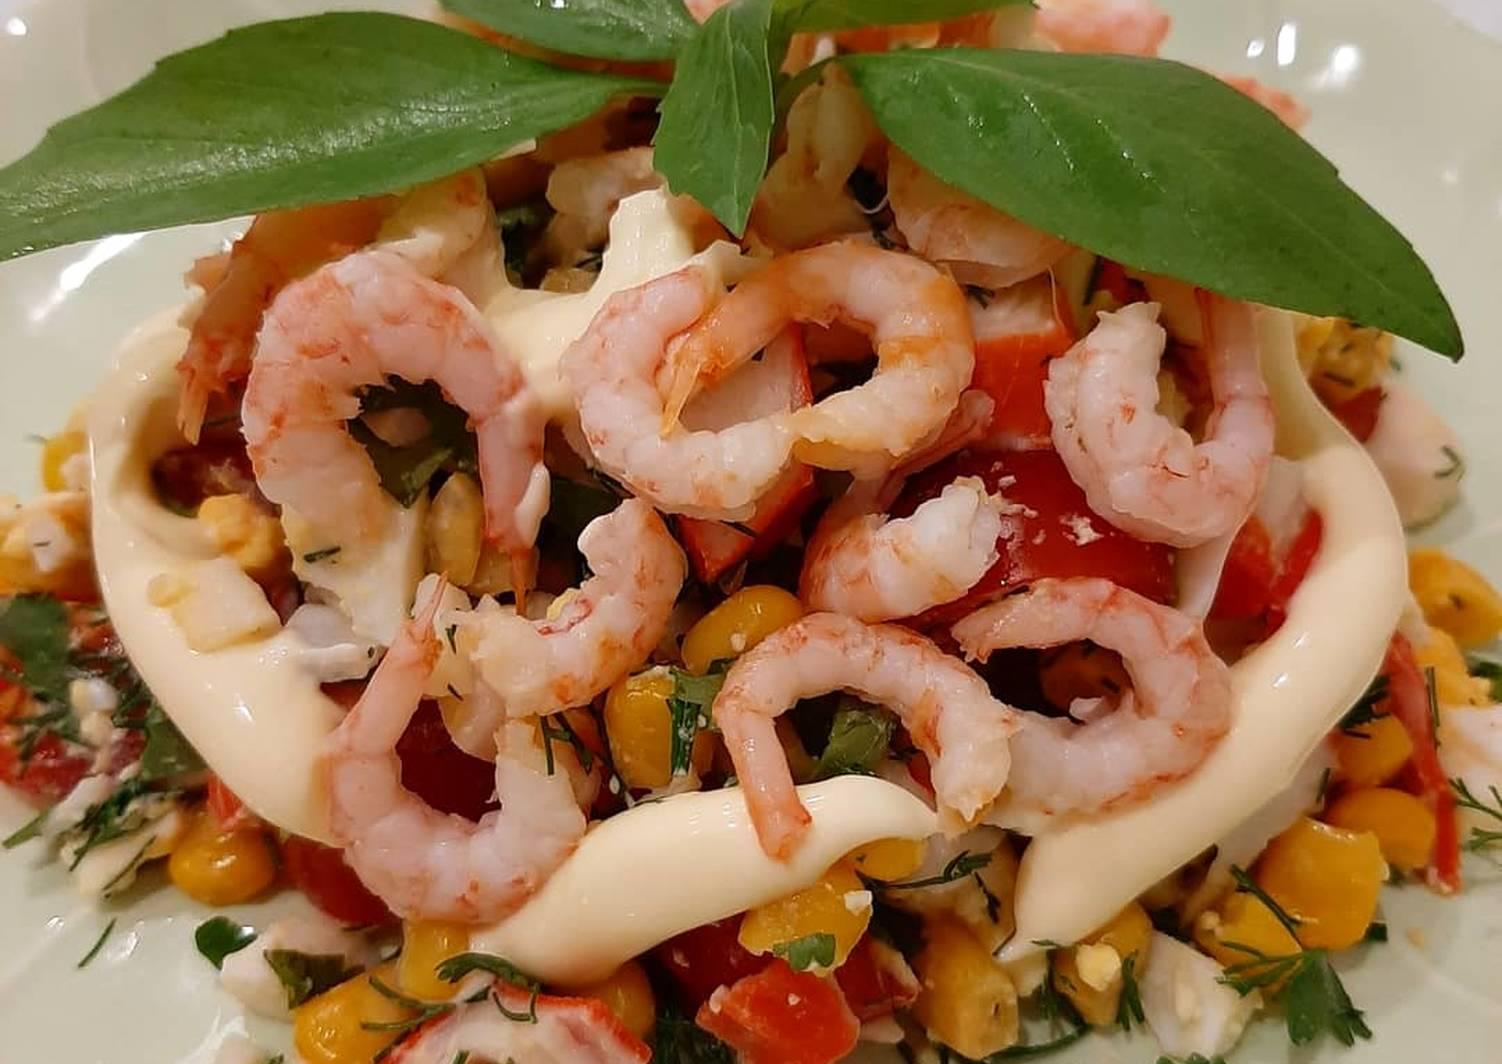 свою сознательную рецепты салатов из креветок с фото простые вязаных шедевров, созданных